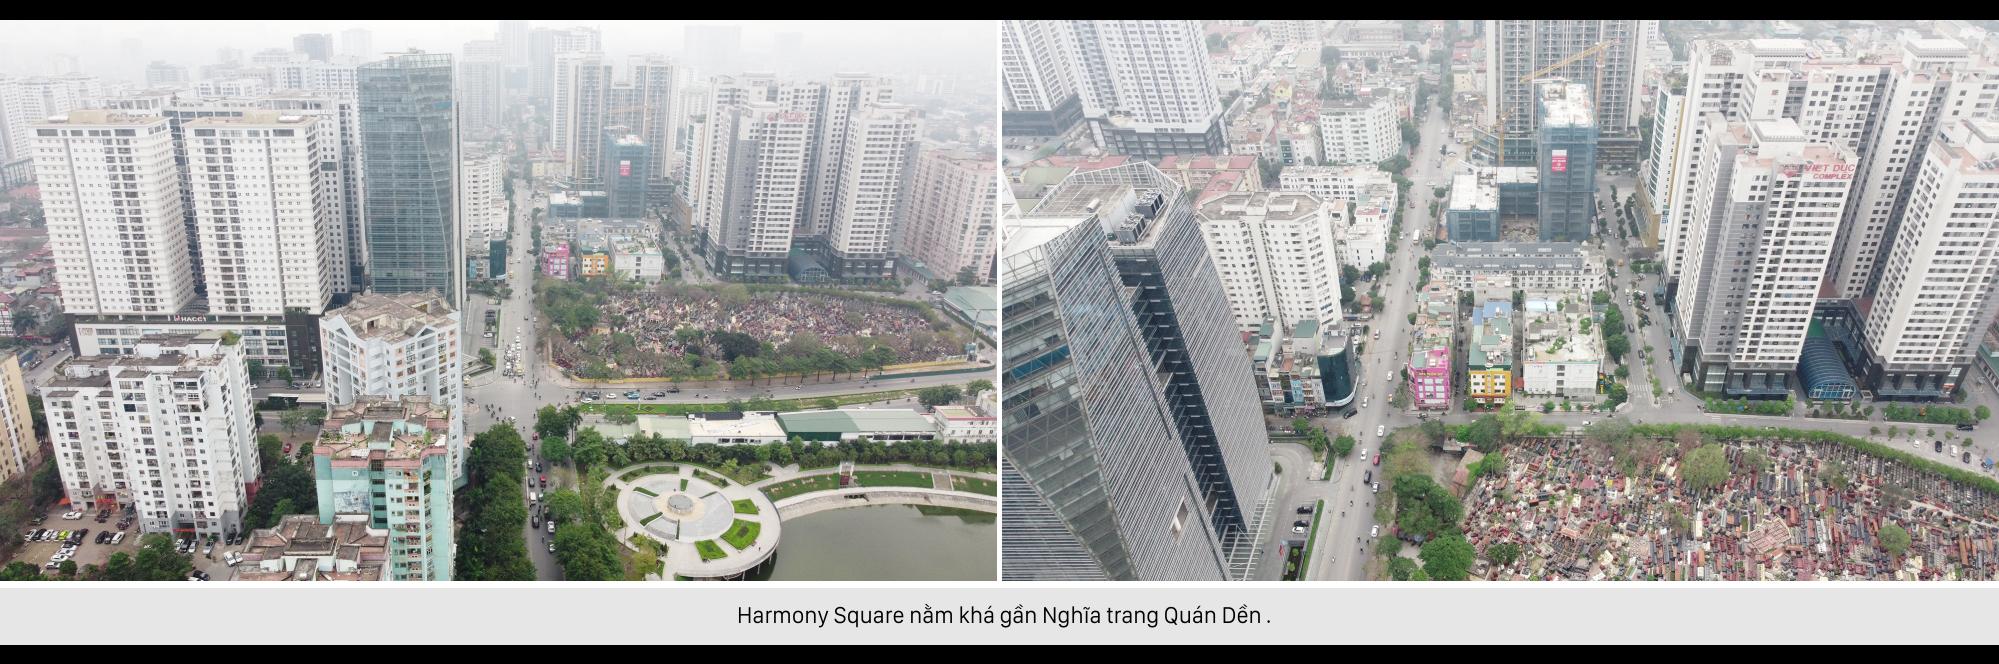 Review dự án Harmony Square đang mở bán: Có ưu điểm gì giữa khu vực dày đặc nhà cao tầng? - Ảnh 7.